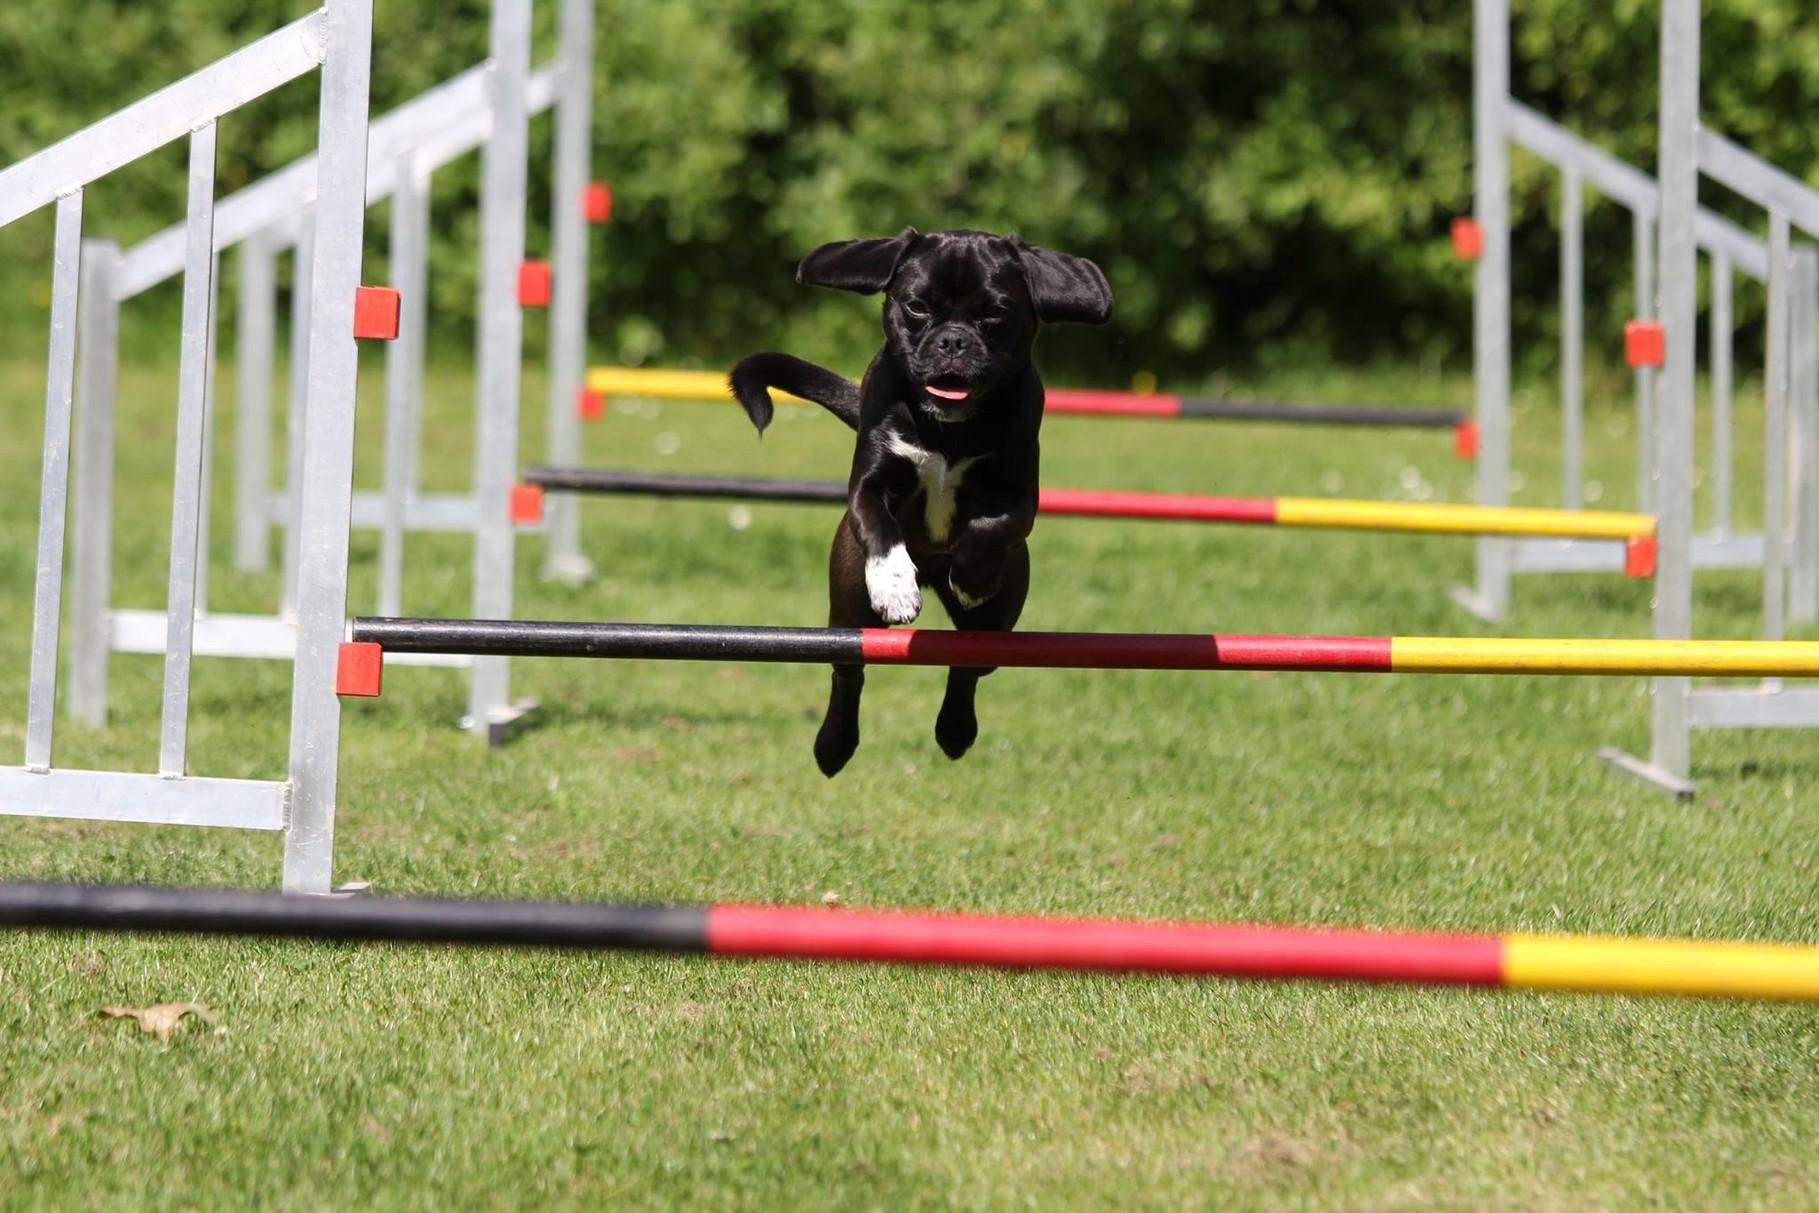 Sophie ist eine echte Sportskanone und hierbei sehr erfolgreich